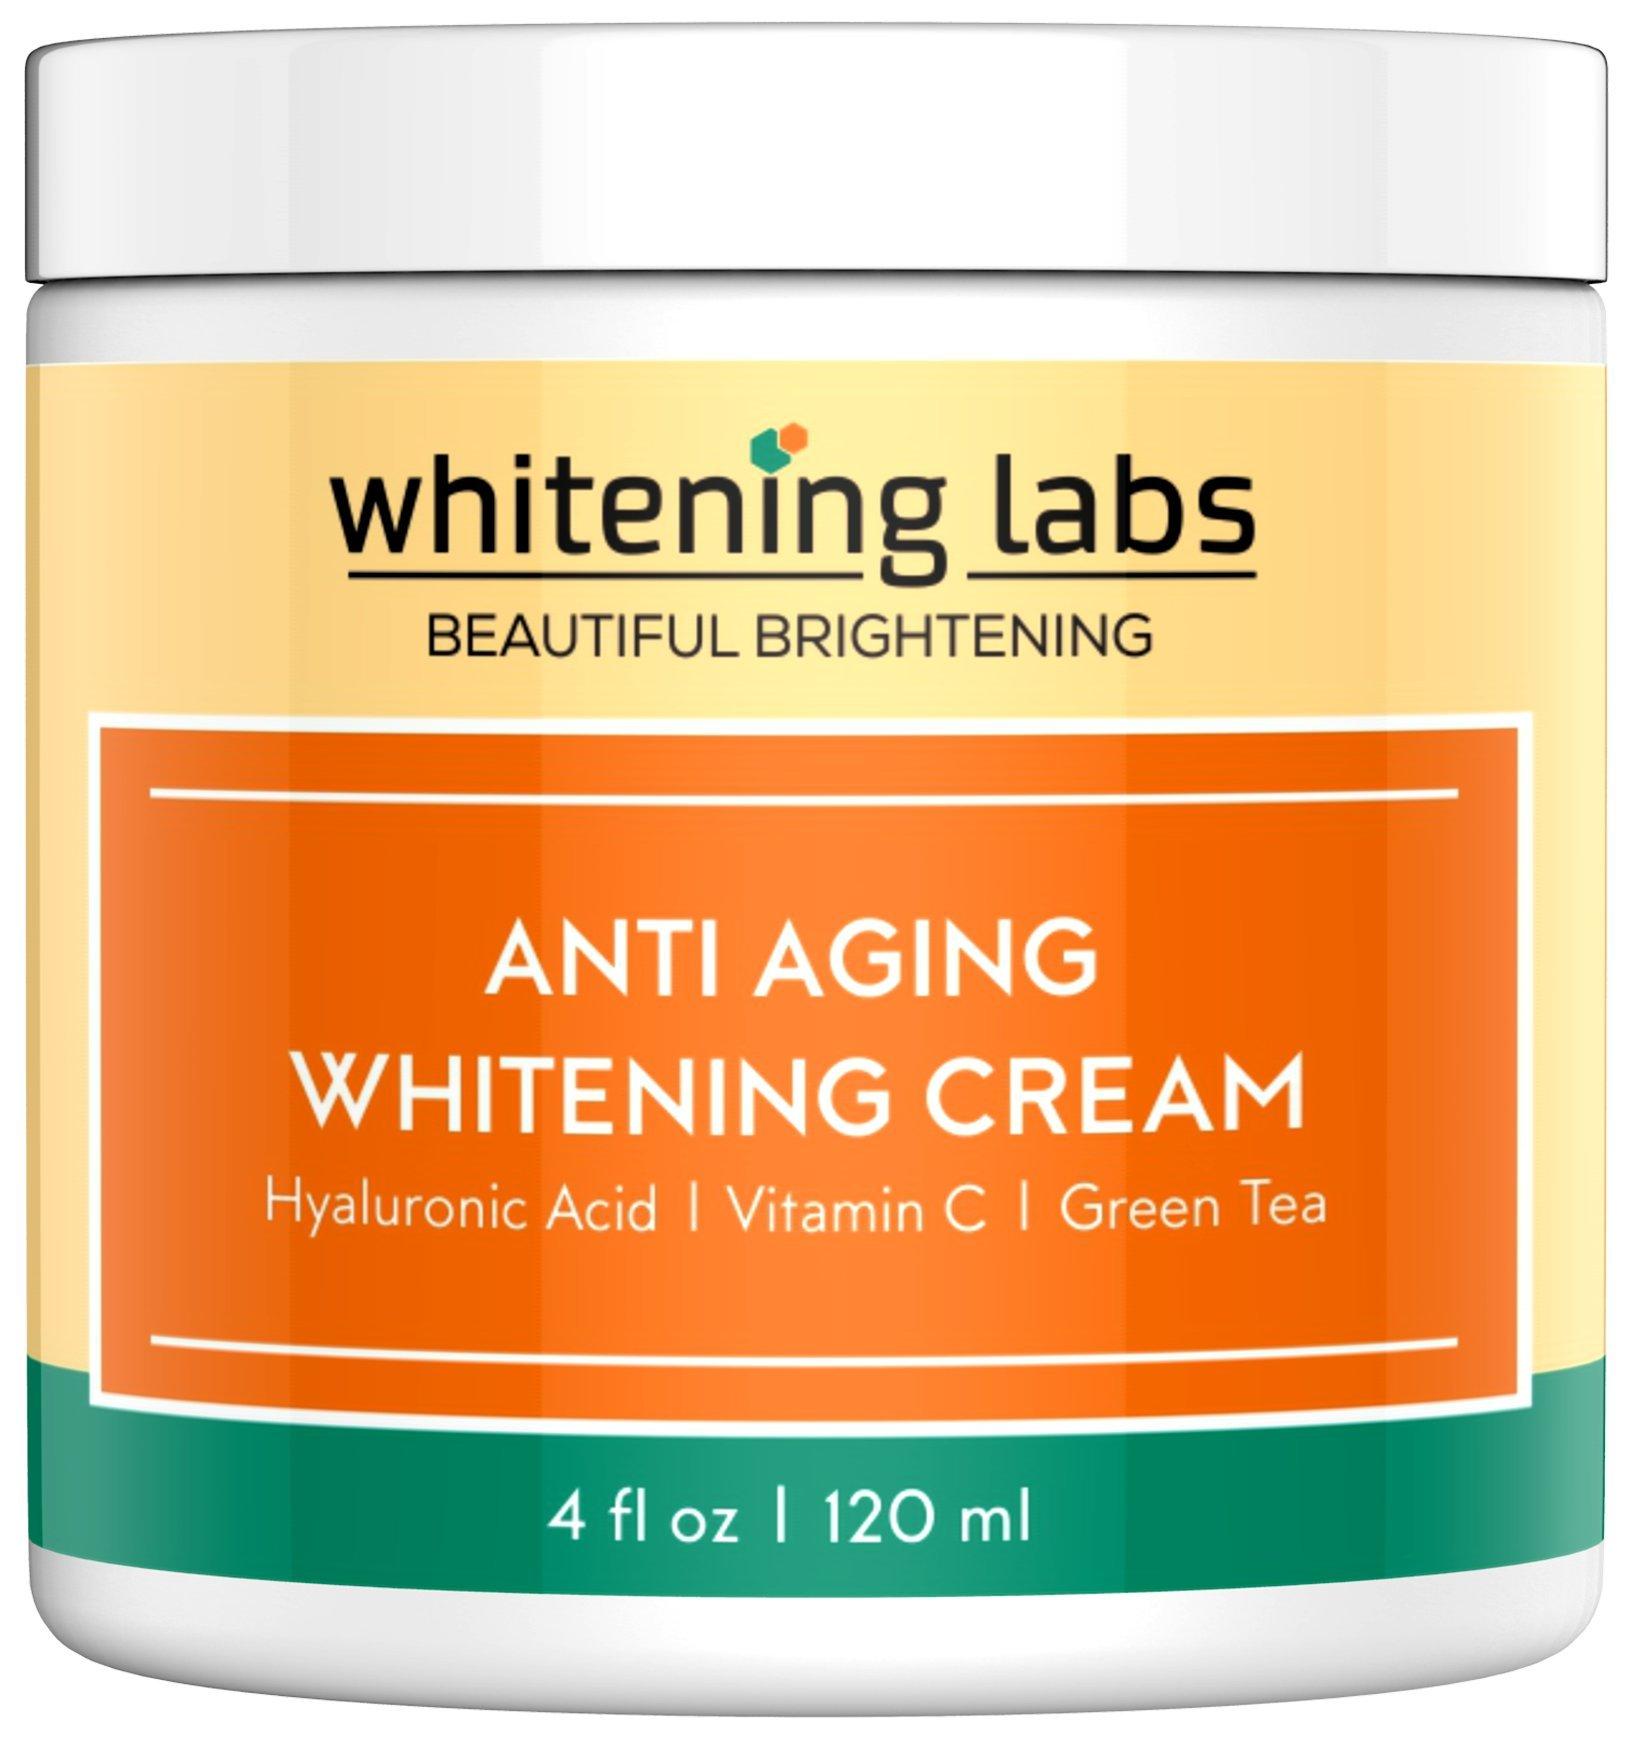 Whitening Labs Whitening Cream. Anti Aging Skin Lightening Cream. Hyaluronic Acid, Vitamin C, Kojic Acid, Green Tea. Best Day Night Brightening Cream.